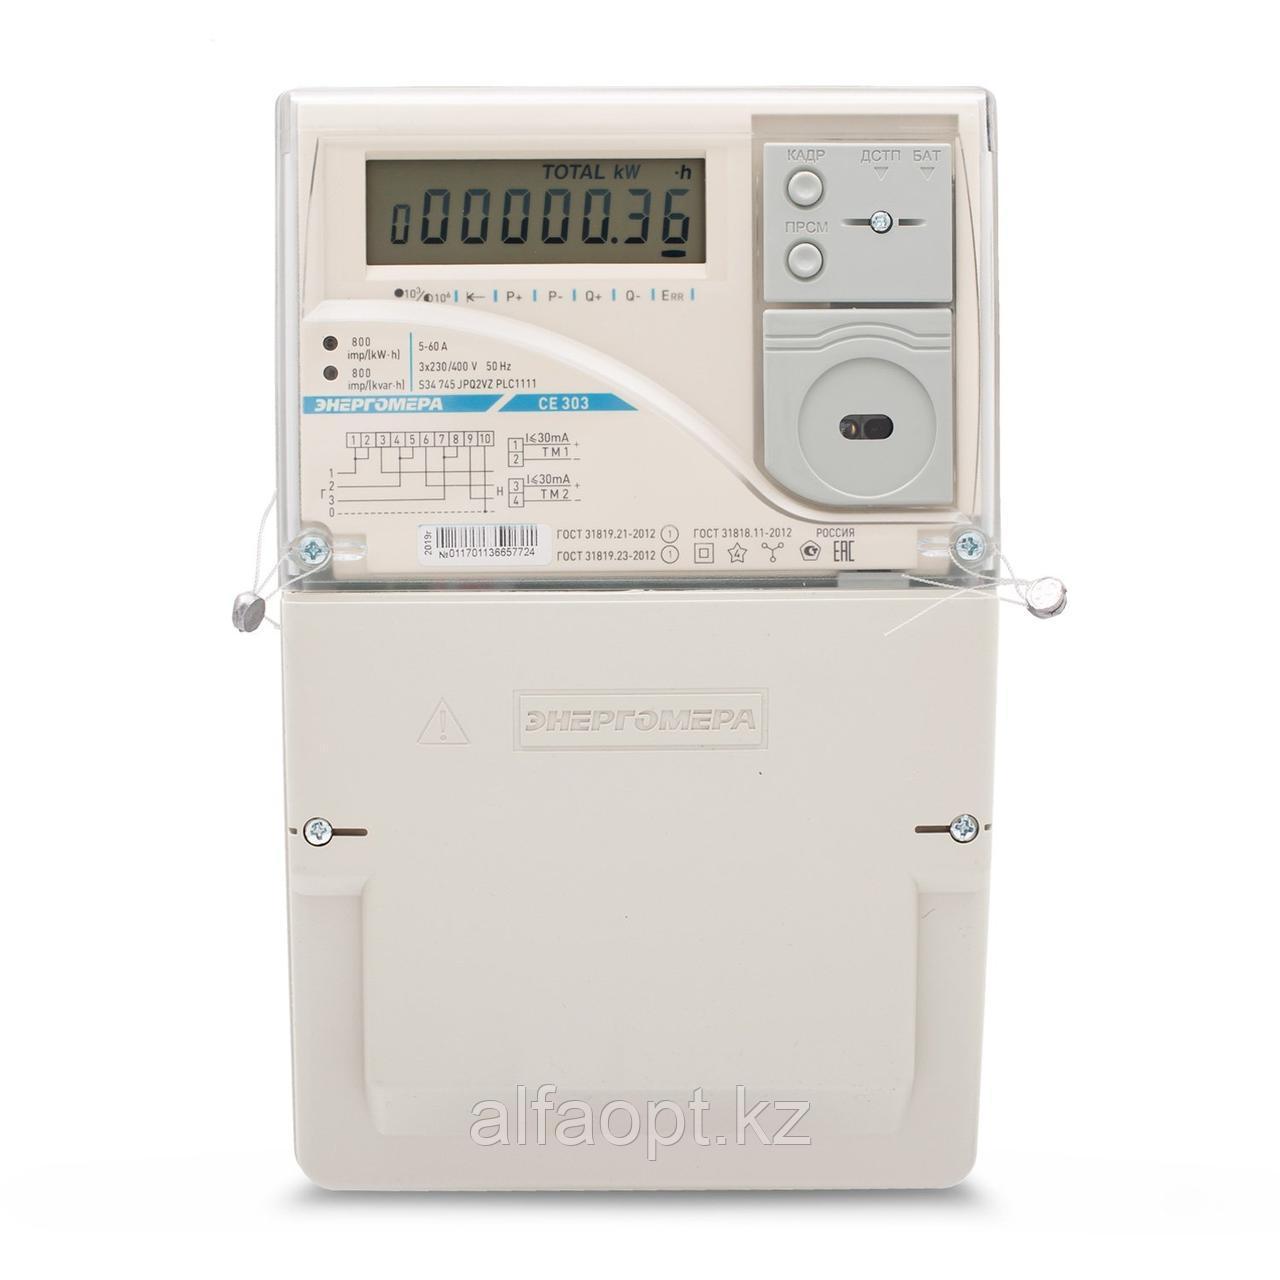 Счётчик электроэнергии Энергомера CE 303 S31 543 JAVZ